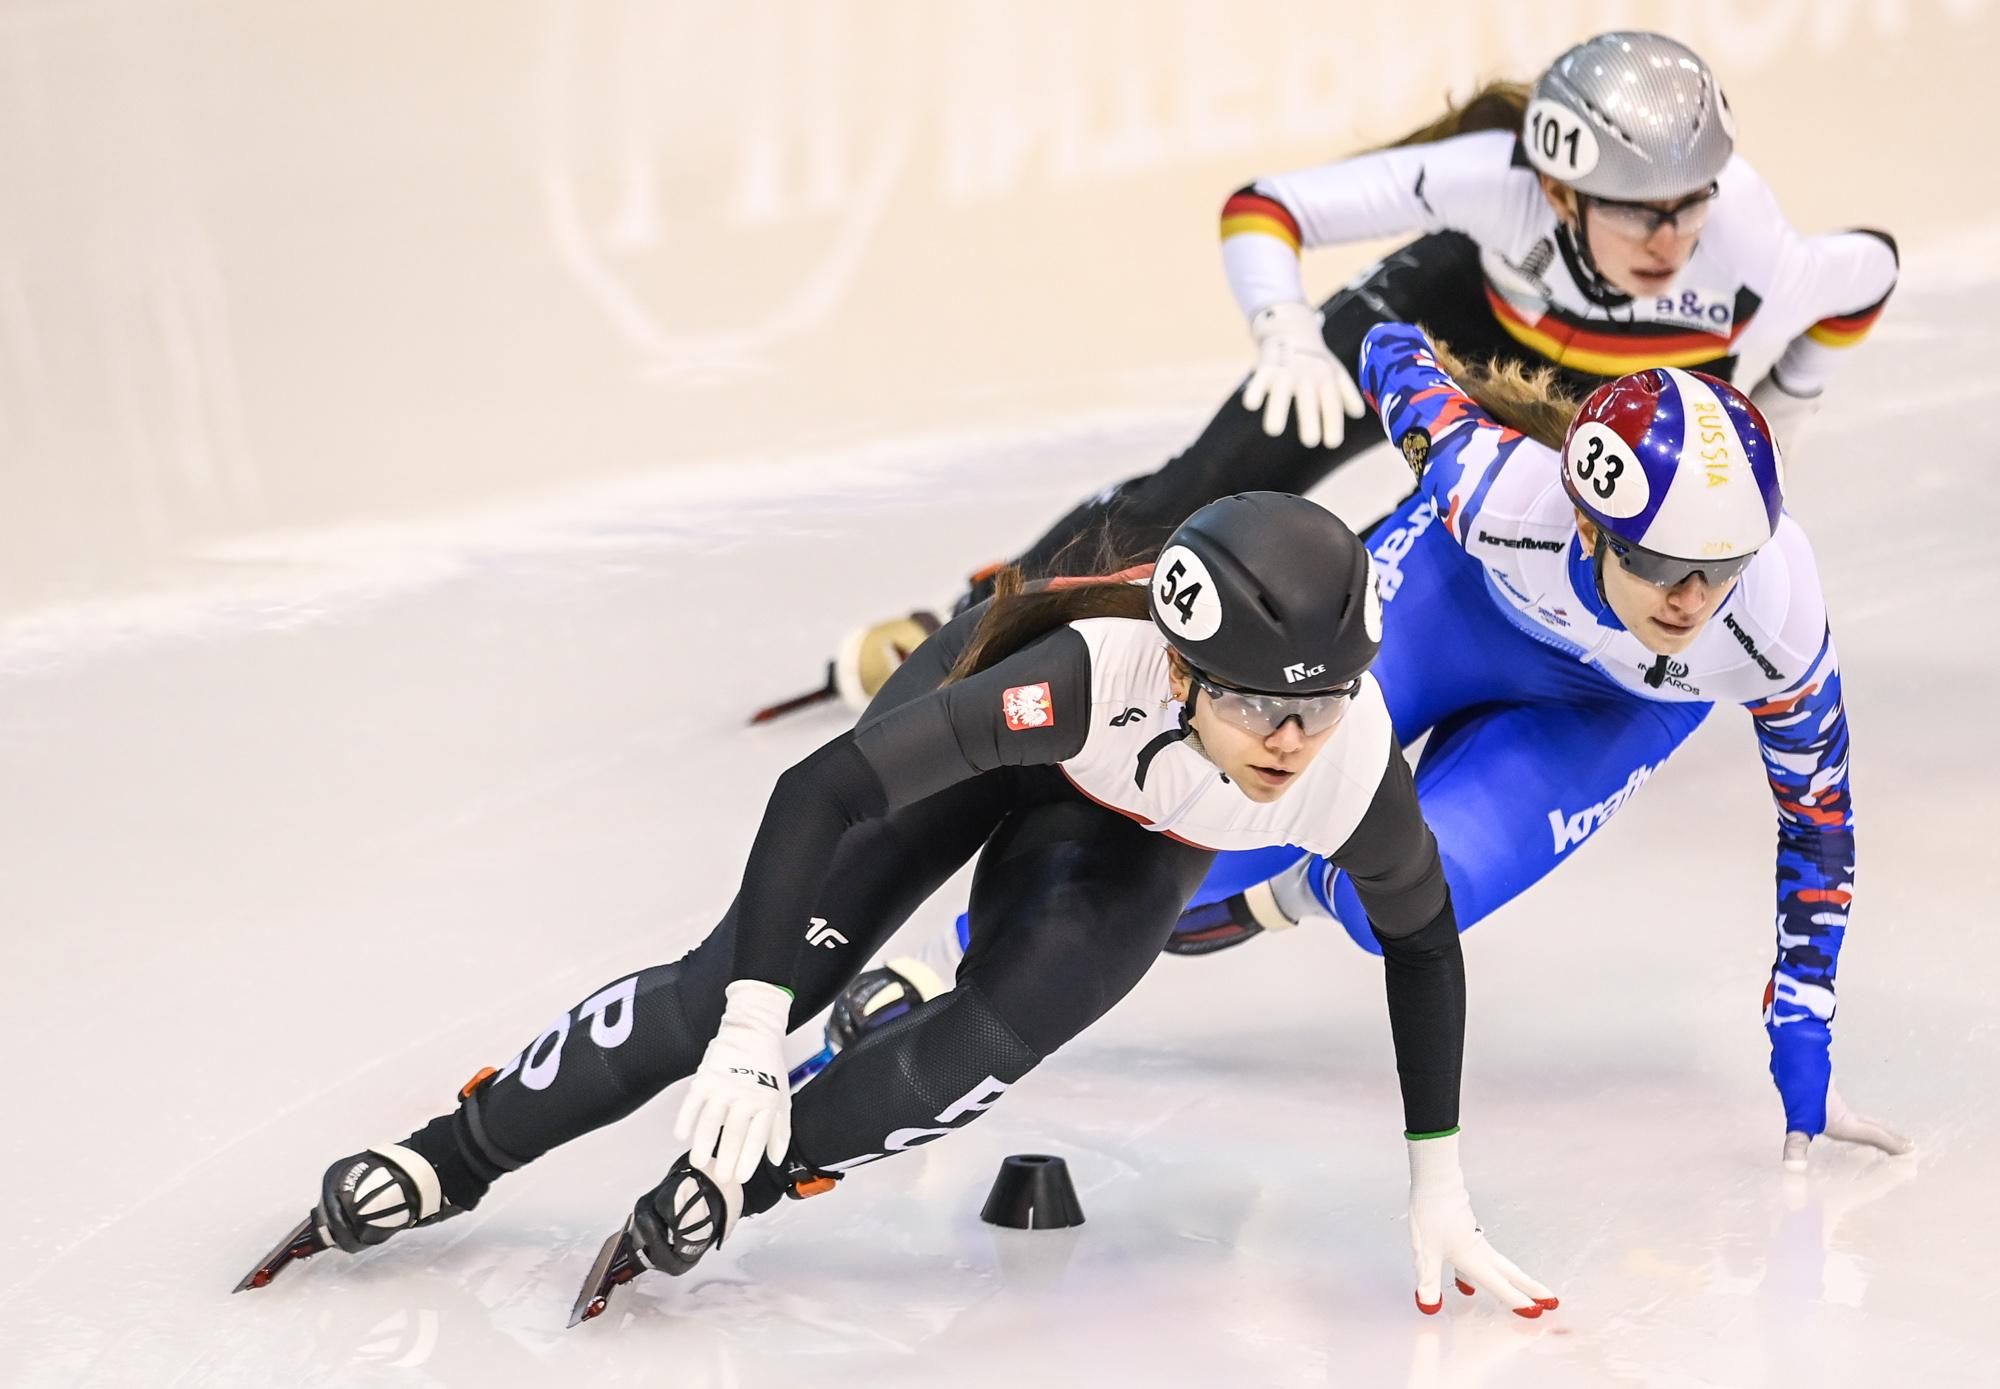 Short-track na najwyższym poziomie. W Gdańsku zakończyły się mistrzostwa Europy